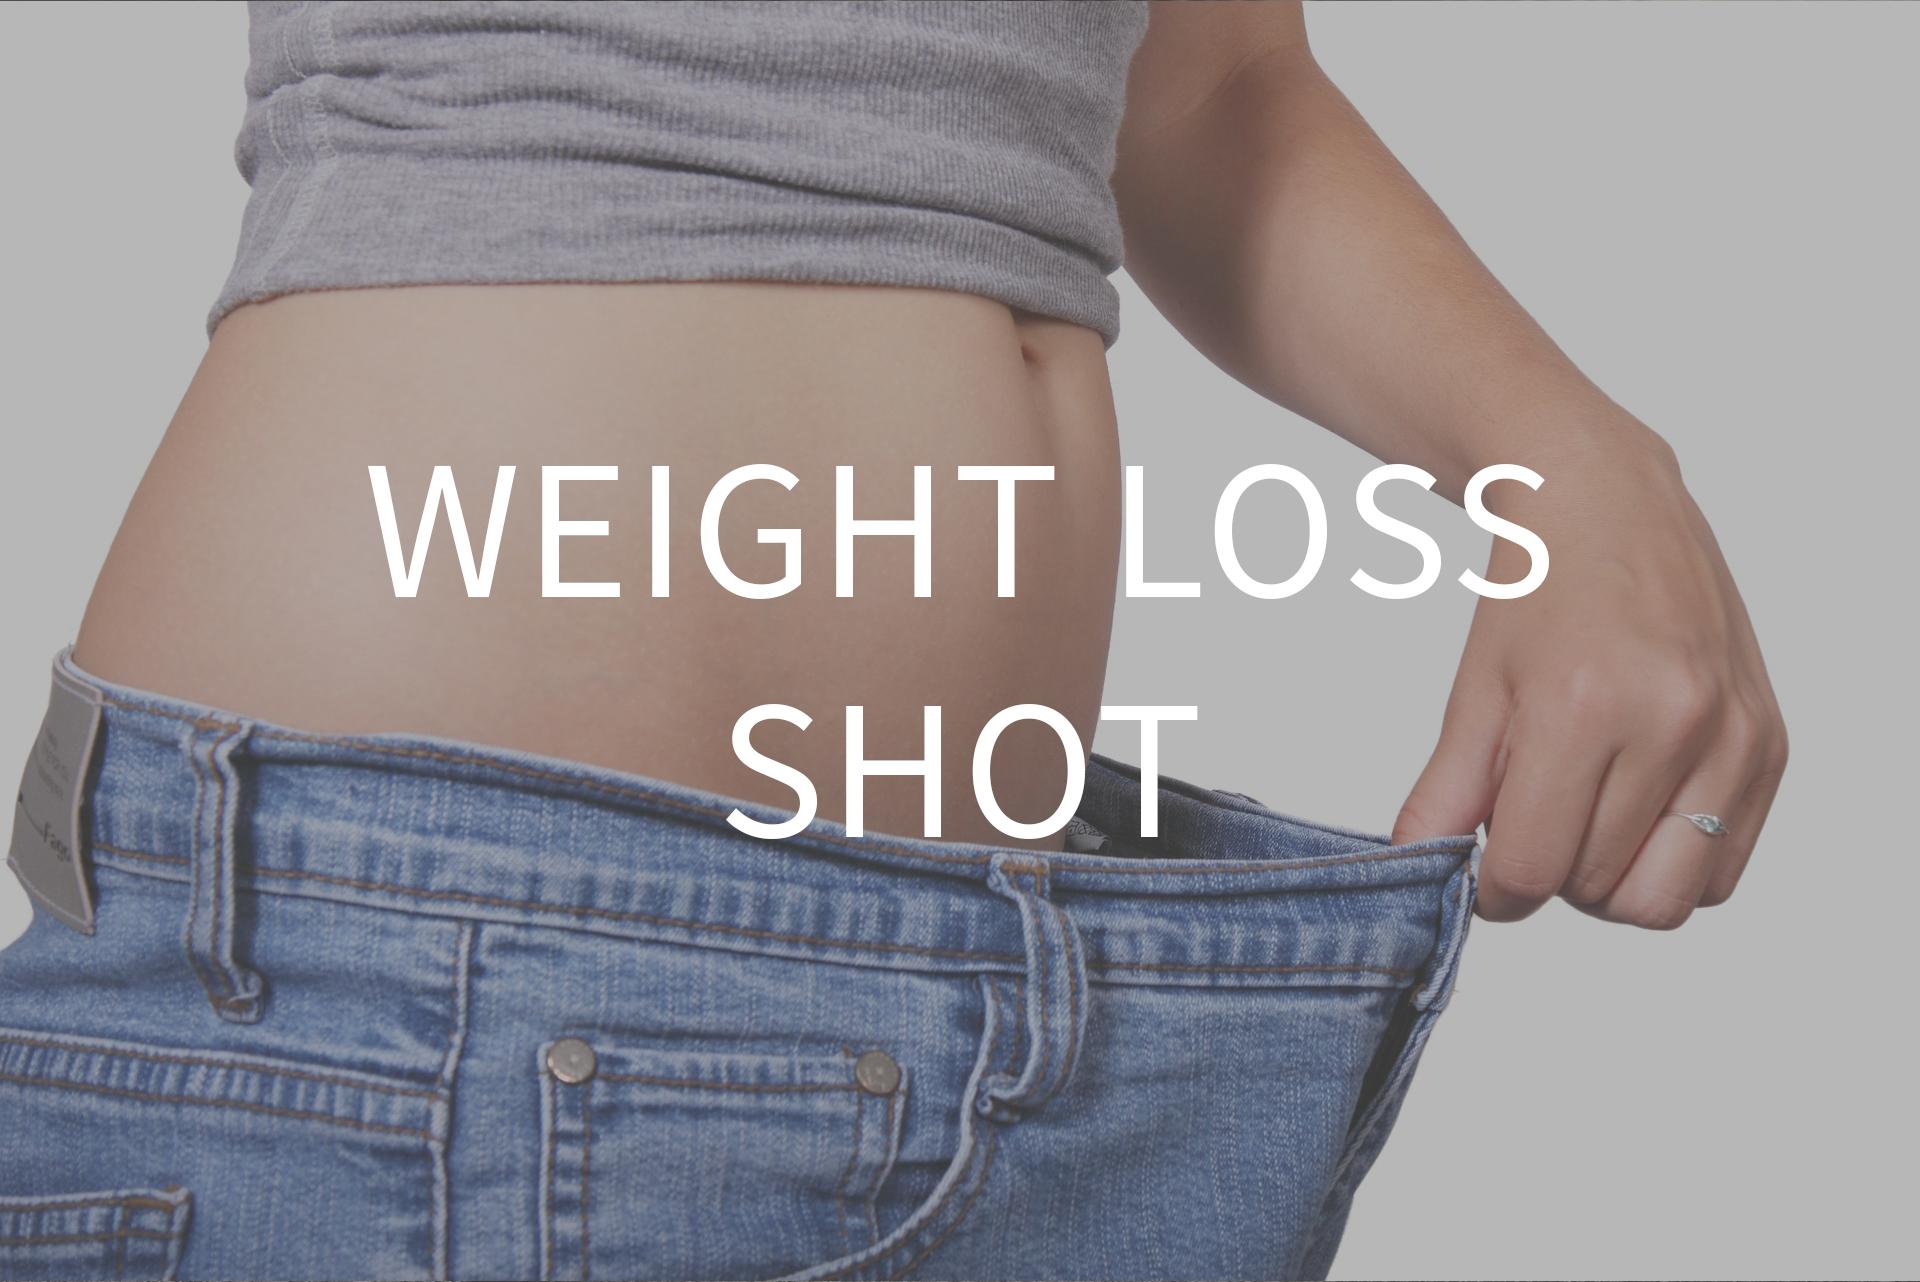 WEIGHT LOSS SHOT.jpg